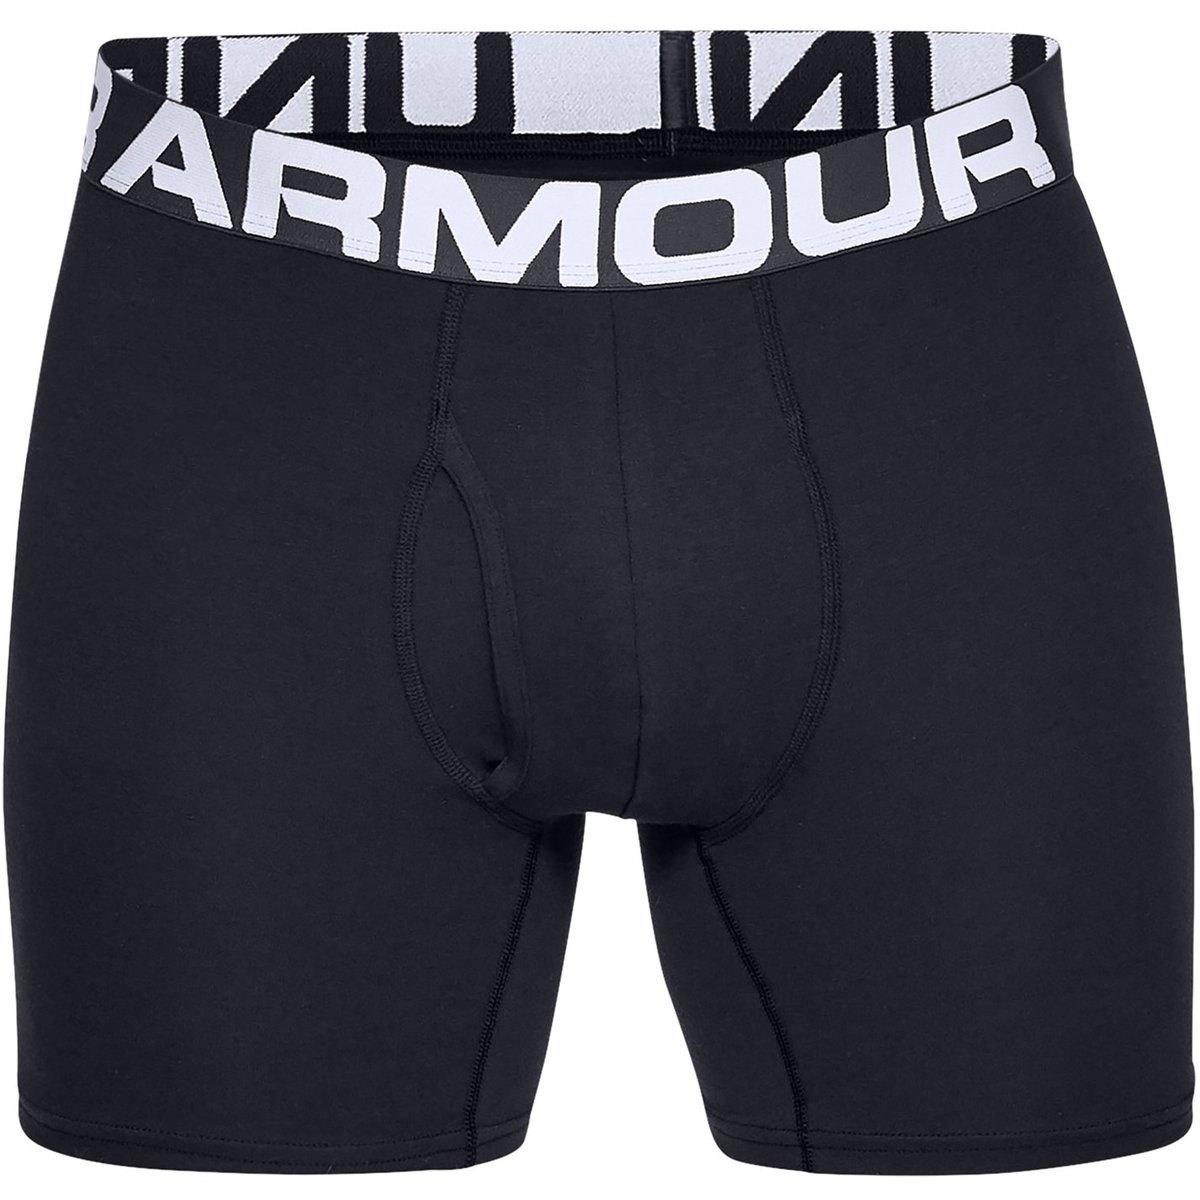 Cotton 3 Pack Boxer Shorts Mens